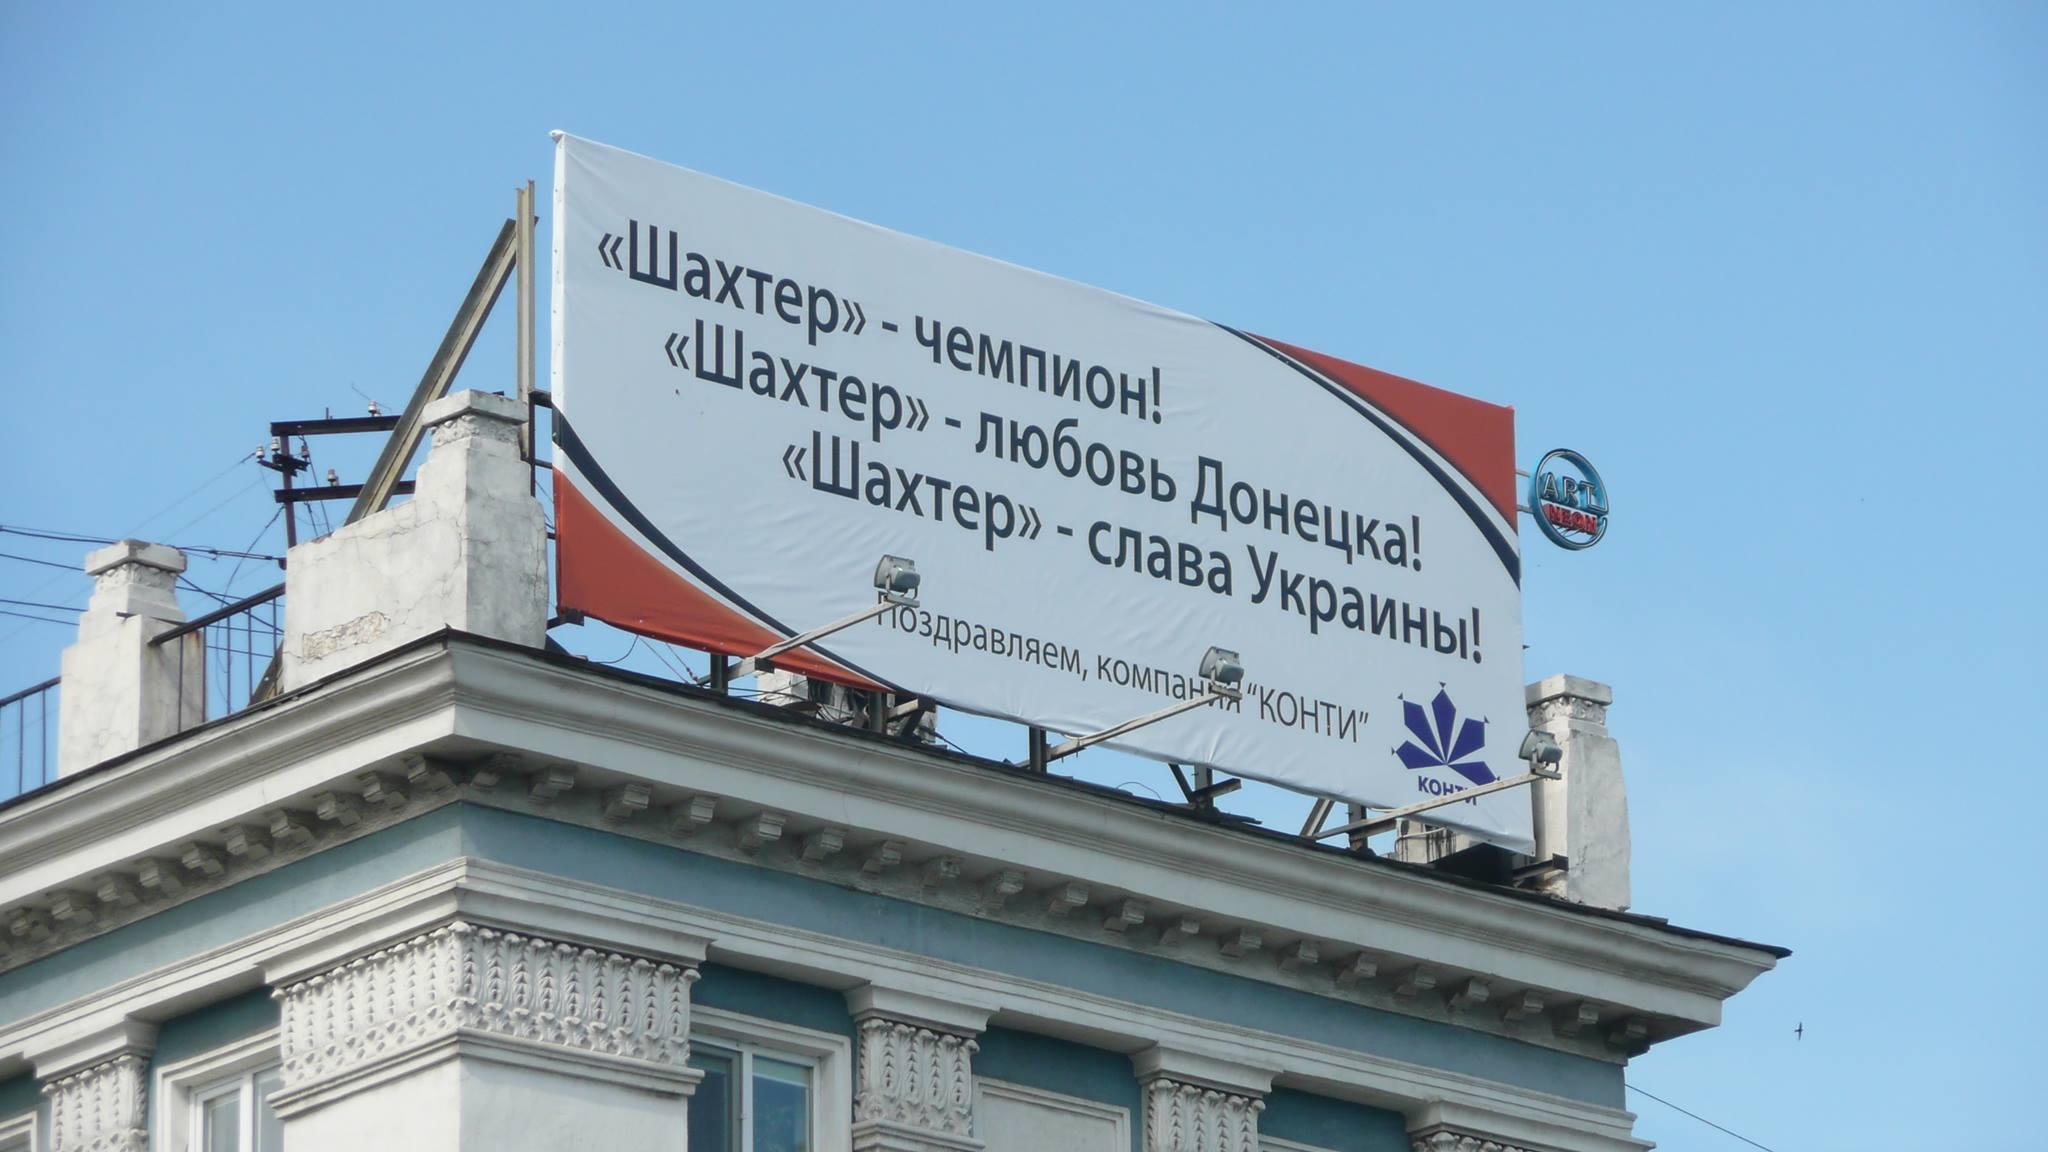 Shakhtar Donetsk Wholesale?